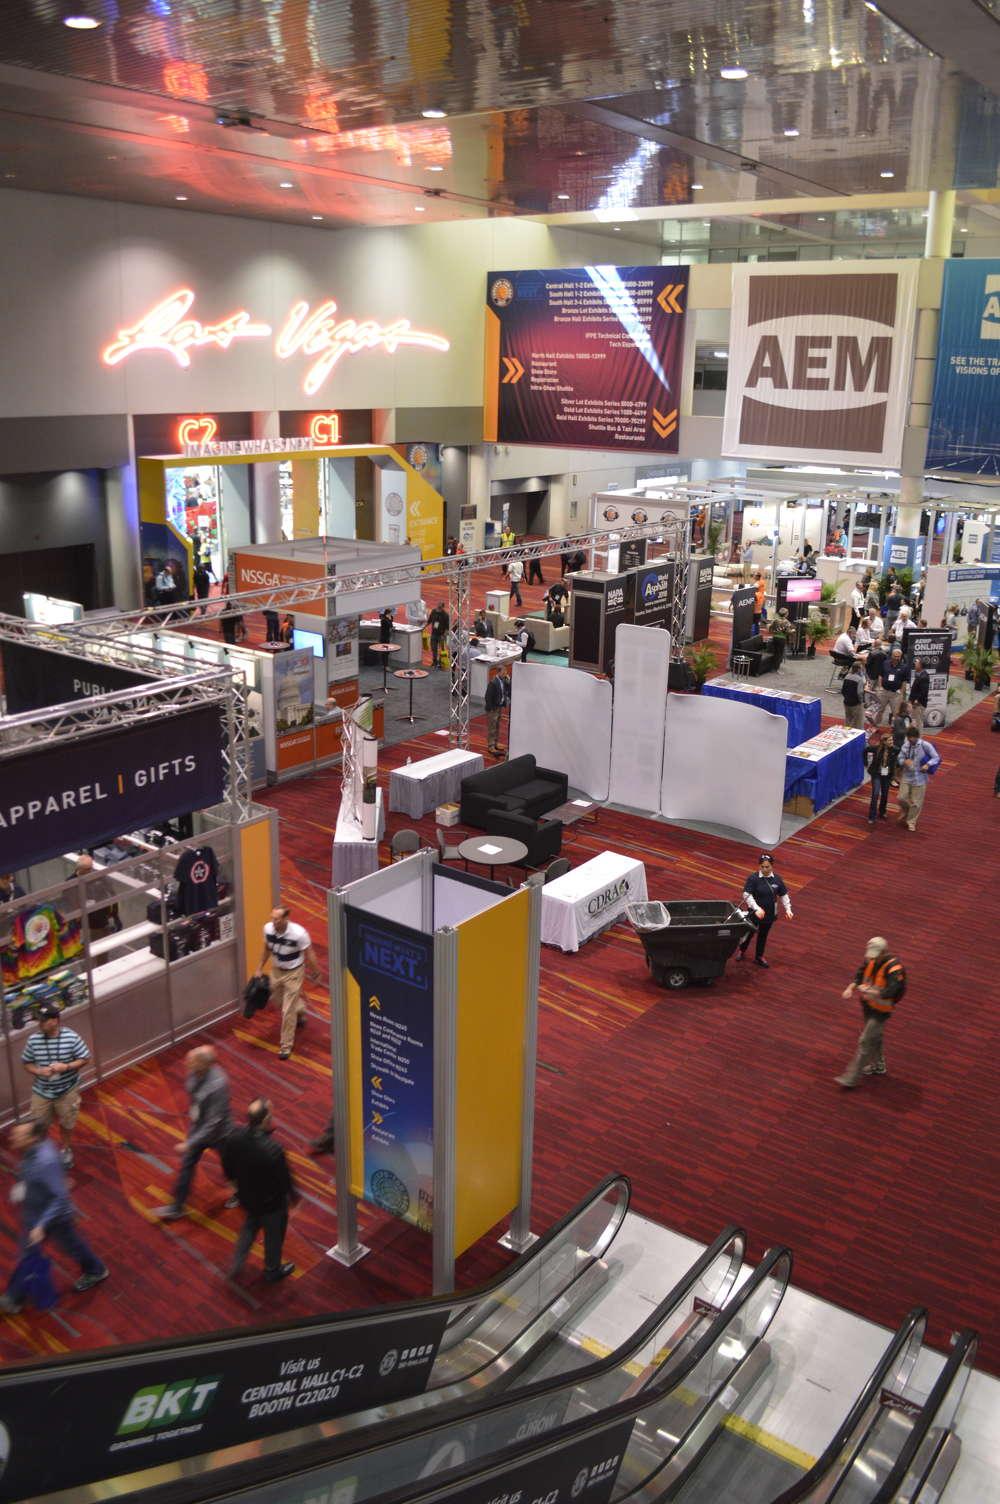 AEM booth at ConExpo-Con/AGG 2017.